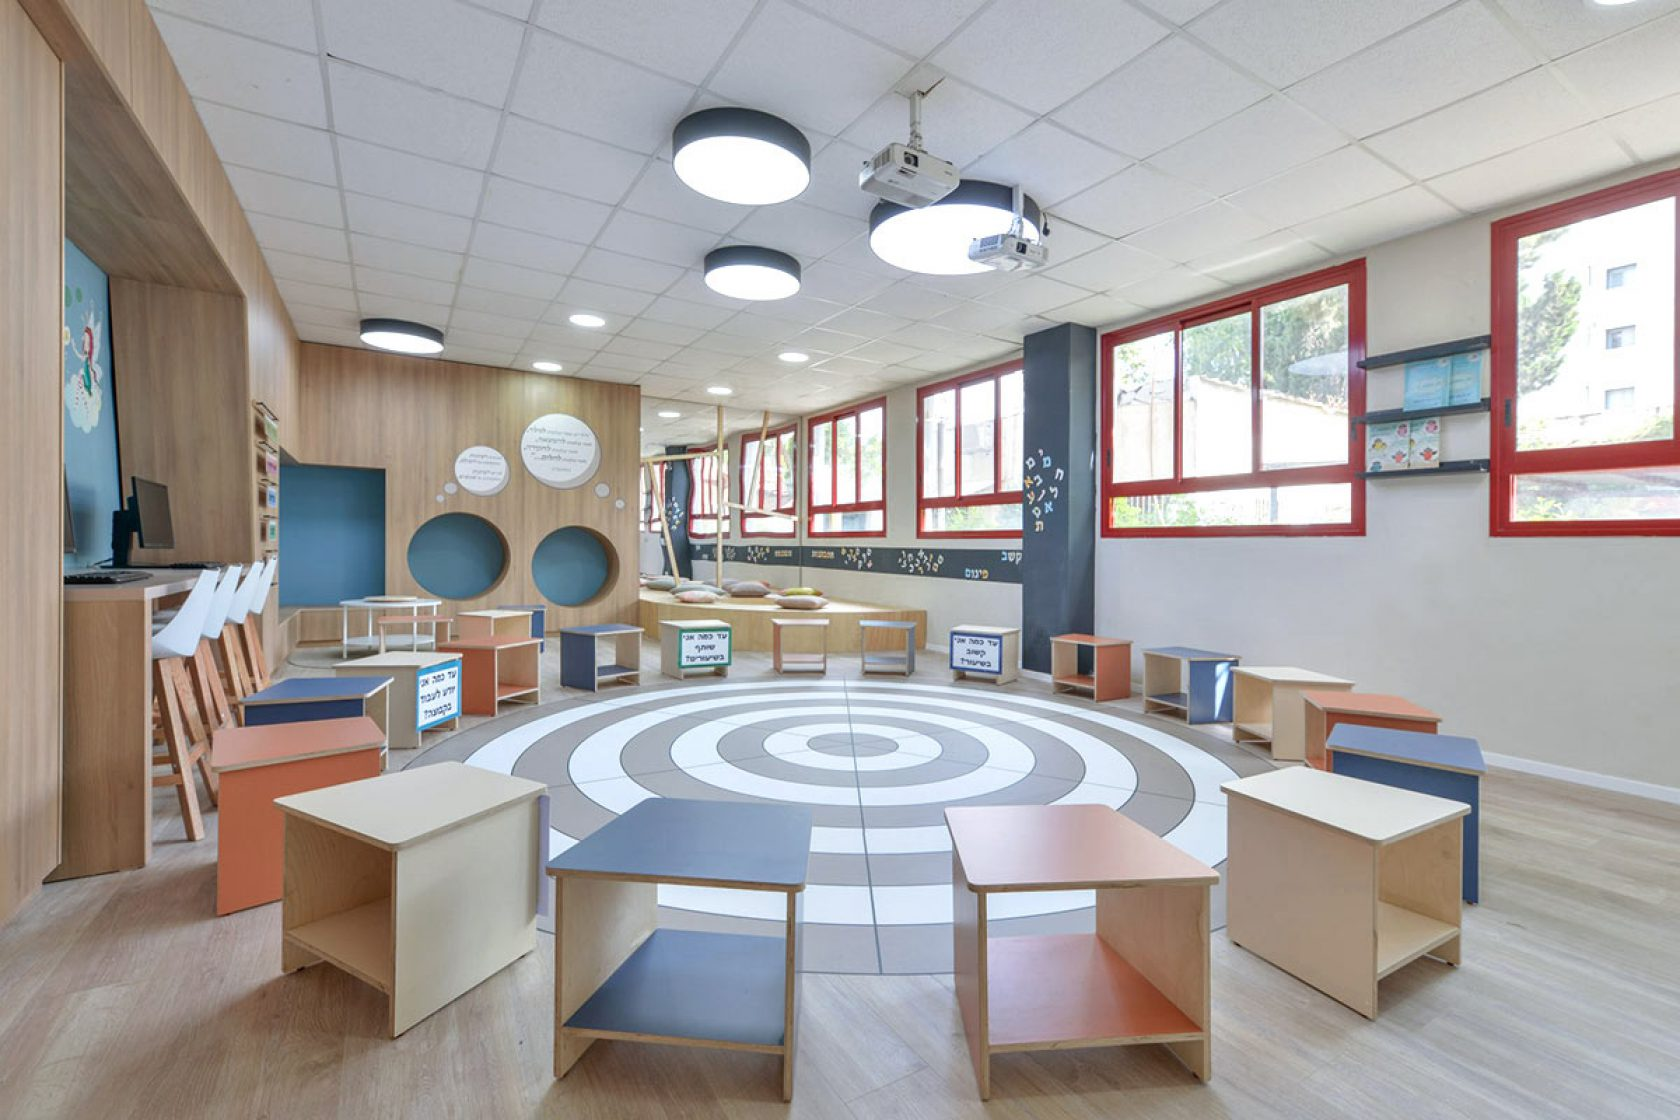 M21 class <br/>Ben-Zvi school<br/> Nes Ziona